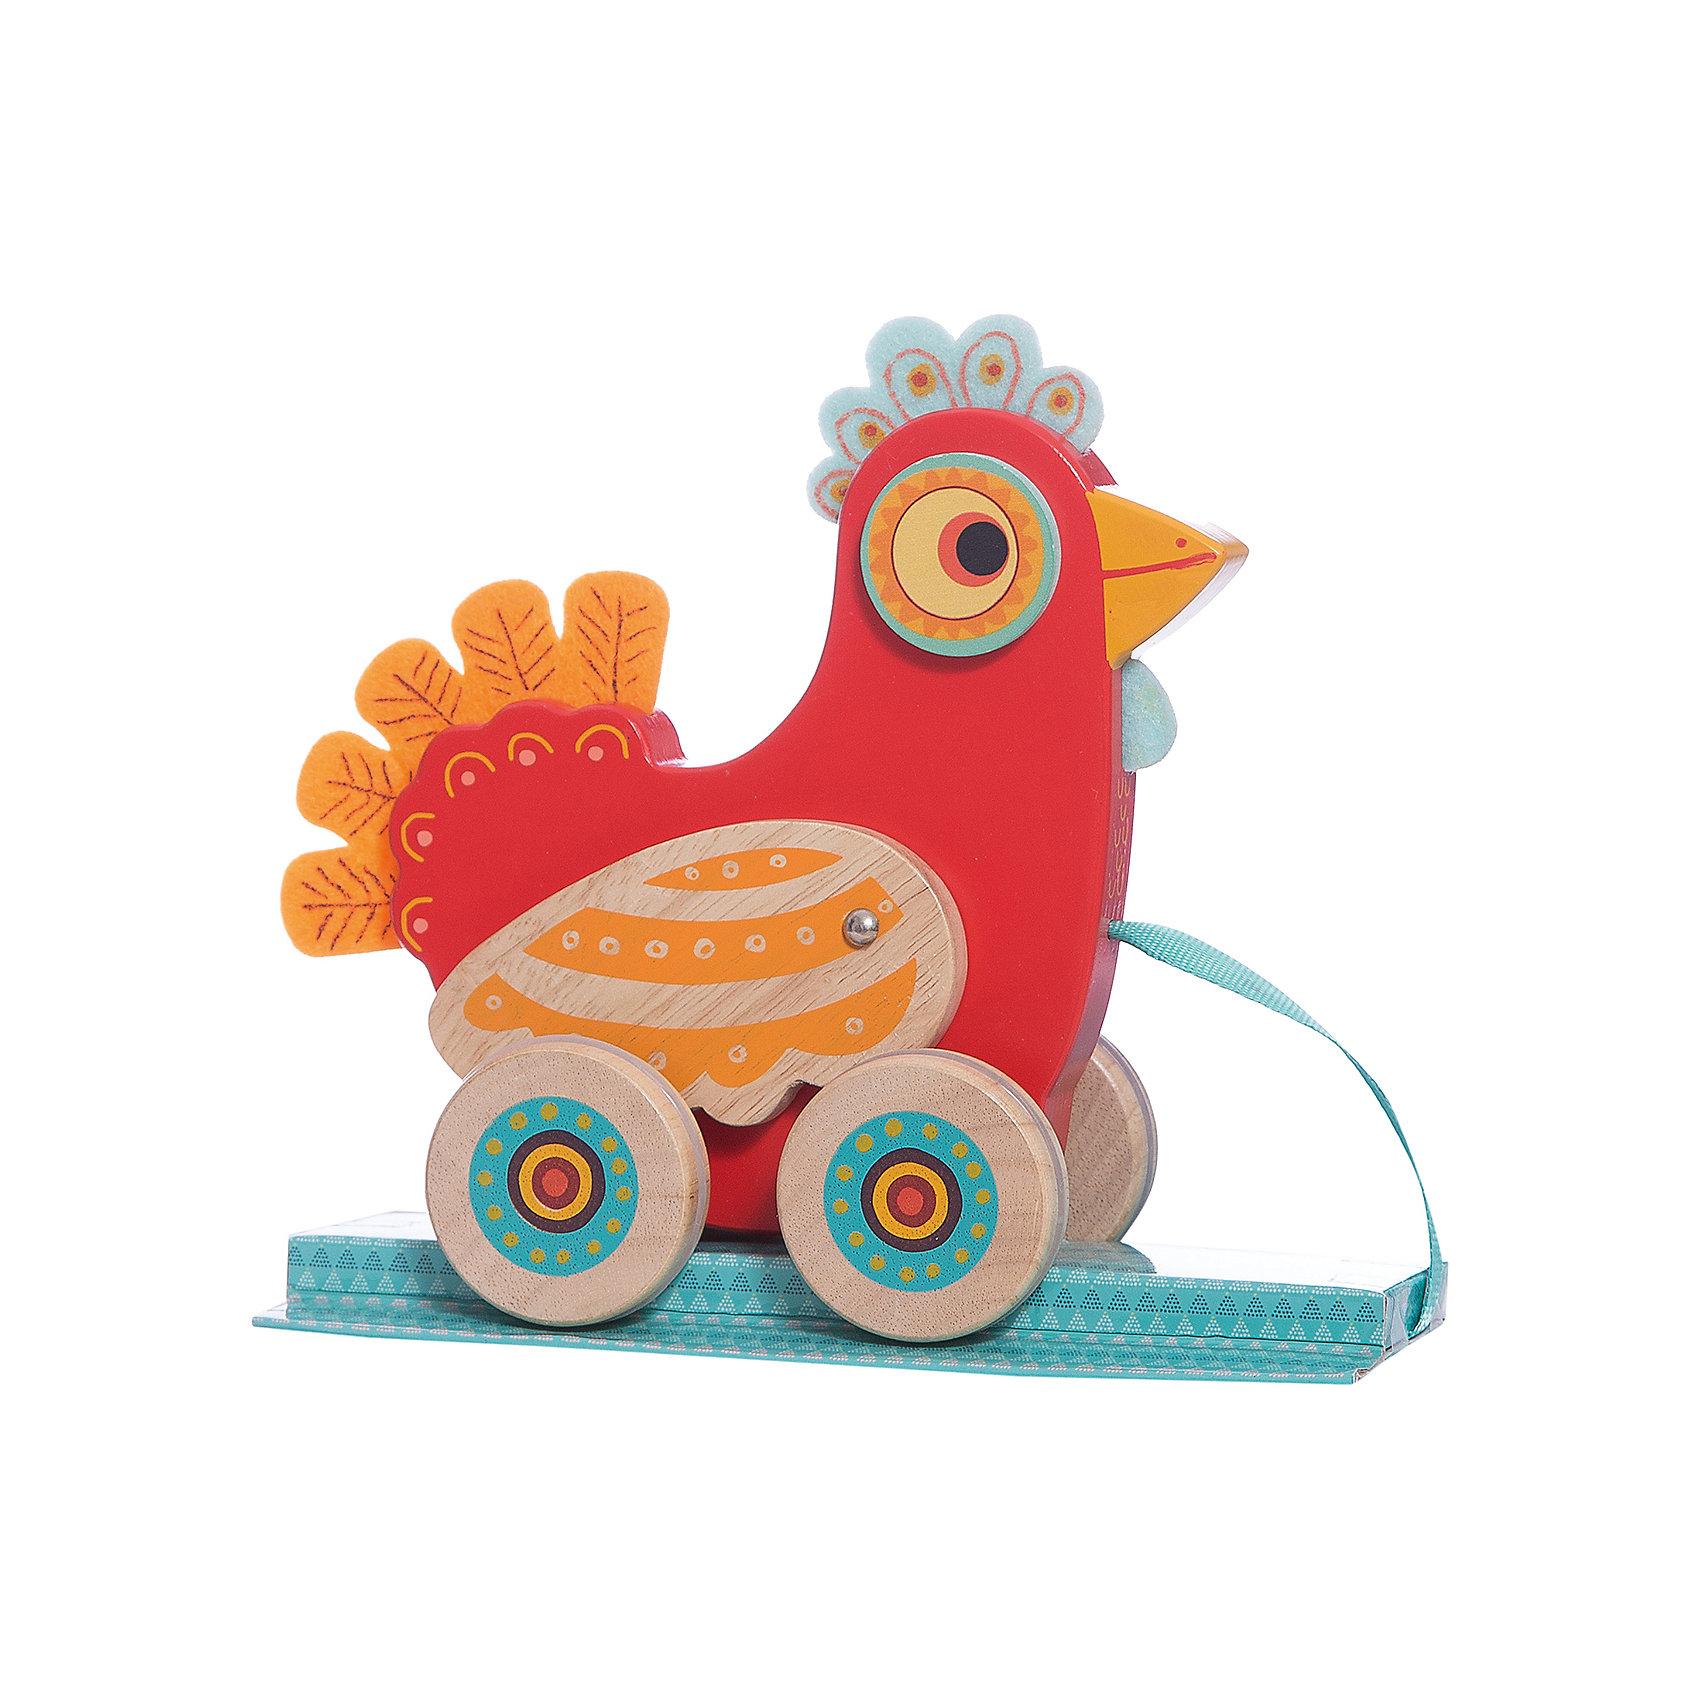 Каталка Курочка, DJECOИгрушки-каталки<br>Красочная каталка Курочка, Djeco (Джеко), с оригинальным дизайном обязательно привлечет внимание Вашего малыша. Яркая игрушка выполнена в виде симпатичной деревянной курочки с гребешком и хвостиком из приятного на ощупь текстиля. У игрушки крупные широкие колеса, благодаря которым малышу будет удобно катать ее как дома так и на прогулке. Во время движения курочка забавно машет крылышками. Игрушка изготовлена из высококачественных материалов и покрыта безопасными нетоксичными красками. Прекрасно развивает мелкую моторику рук, координацию и тактильные навыки.<br><br>Дополнительная информация:<br><br>- Материал: дерево, текстиль.<br>- Размер игрушки: 18,5 х 18 х 8 см.<br>- Размер упаковки: 21 х 19 х 9,5 см.<br>- Вес: 0,458 кг.<br><br>Каталку Курочка, Djeco (Джеко), можно купить в нашем интернет-магазине.<br><br>Ширина мм: 100<br>Глубина мм: 280<br>Высота мм: 10<br>Вес г: 620<br>Возраст от месяцев: 12<br>Возраст до месяцев: 36<br>Пол: Унисекс<br>Возраст: Детский<br>SKU: 4215025